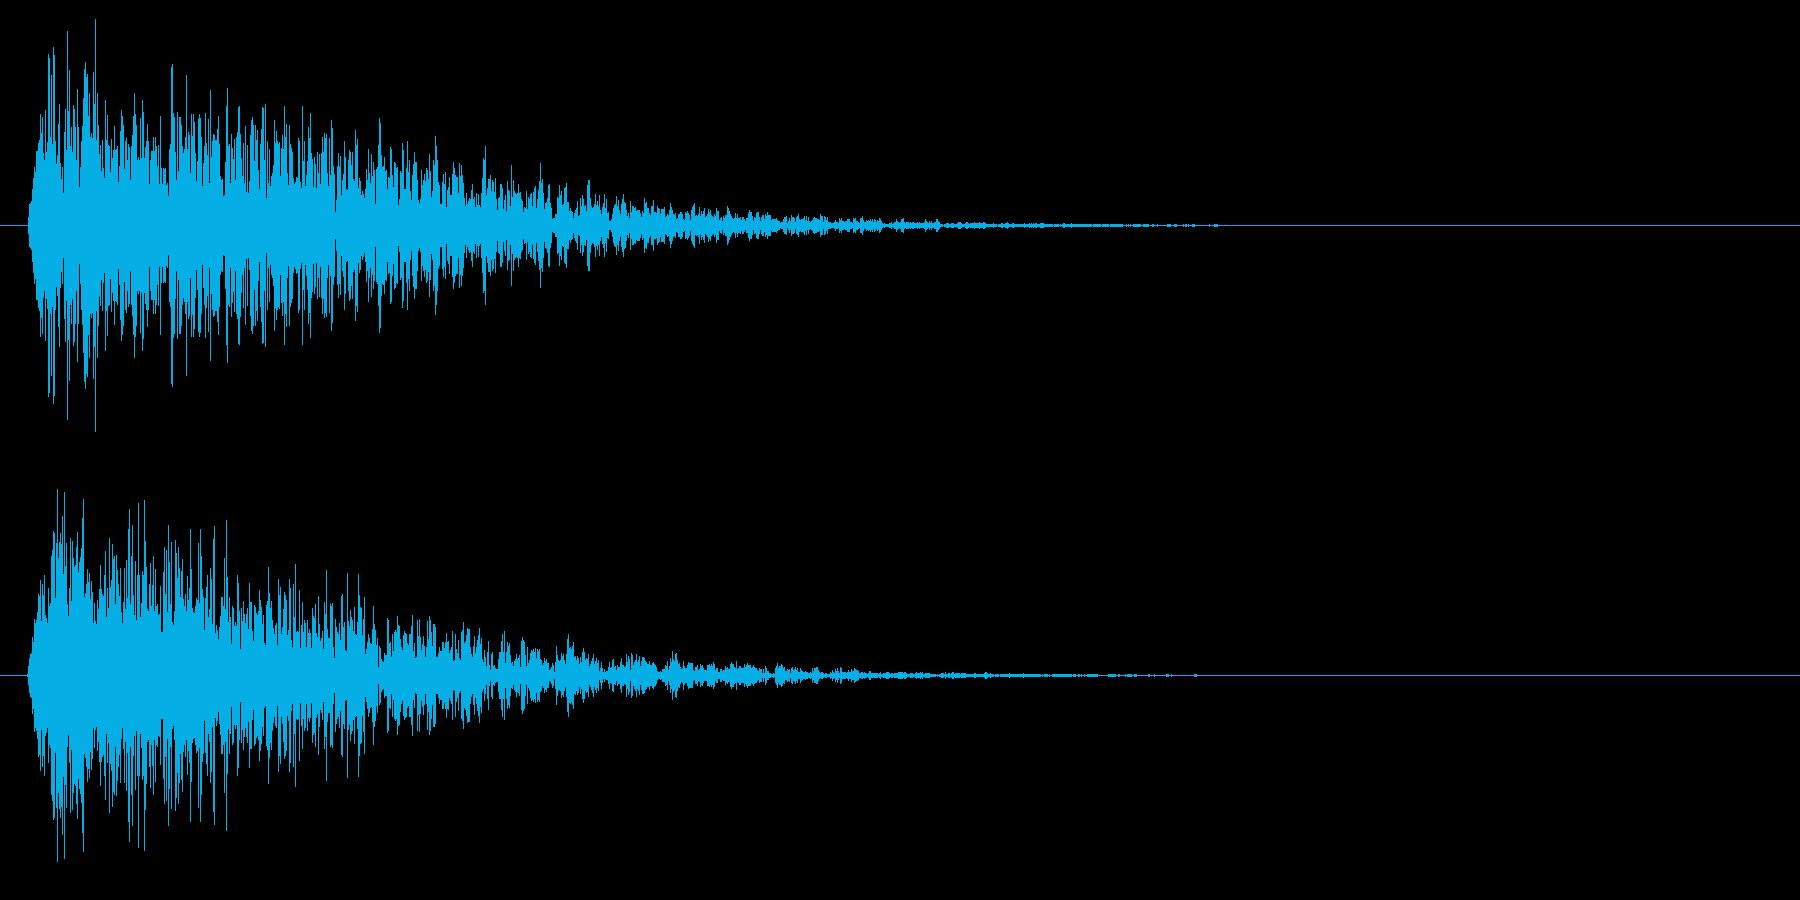 ビュパーッパー(機械的衝撃波)の再生済みの波形